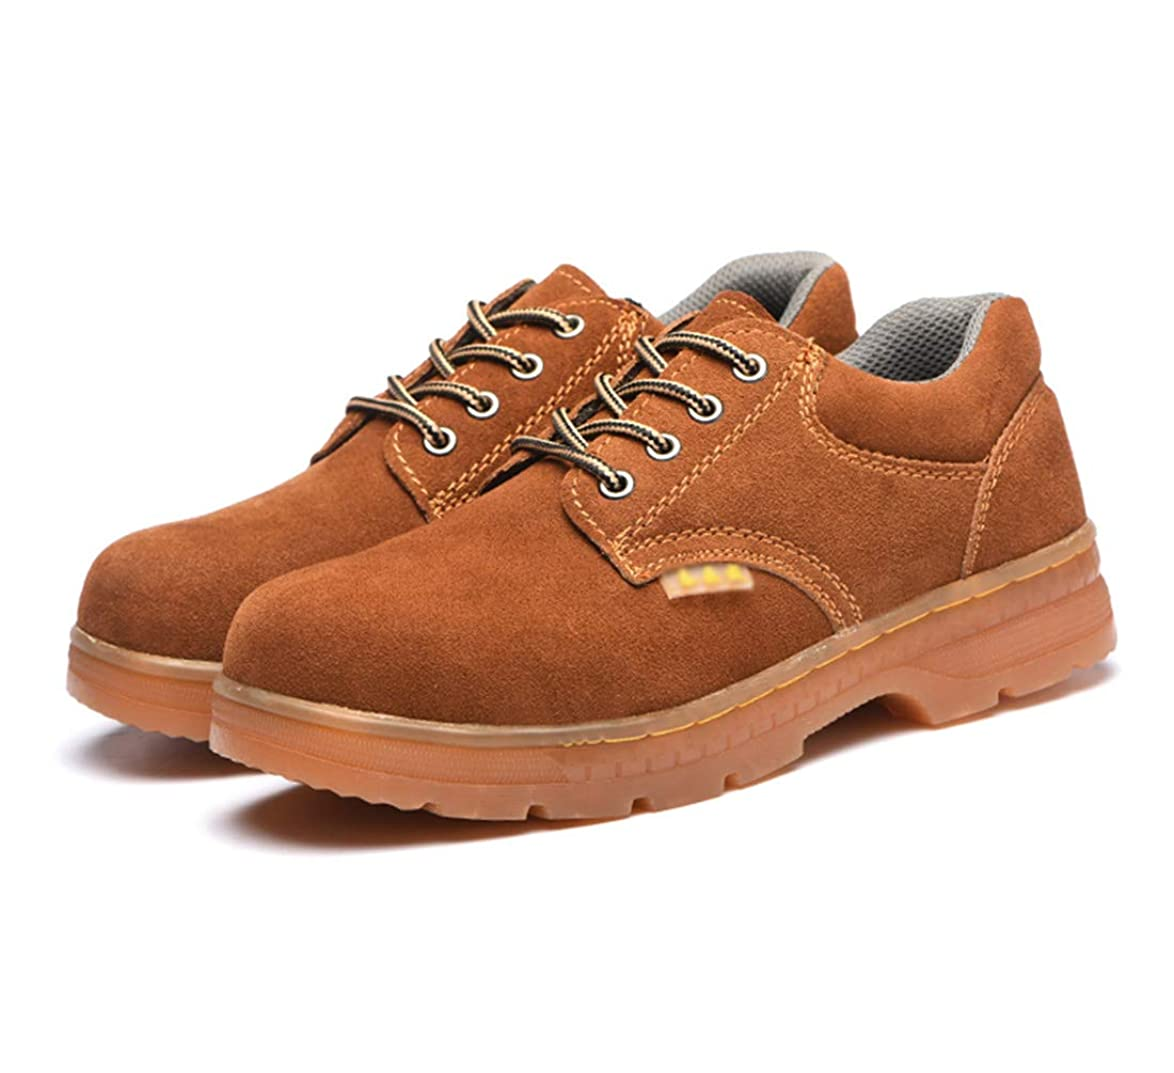 待つ飼いならす各フェイスコジー メンズ シューズ 鋼先芯 セーフティ 安全靴 衝撃吸収 労働保険靴 メッシュ 短靴 ウィンジョブ セーフティーシューズ ローカット